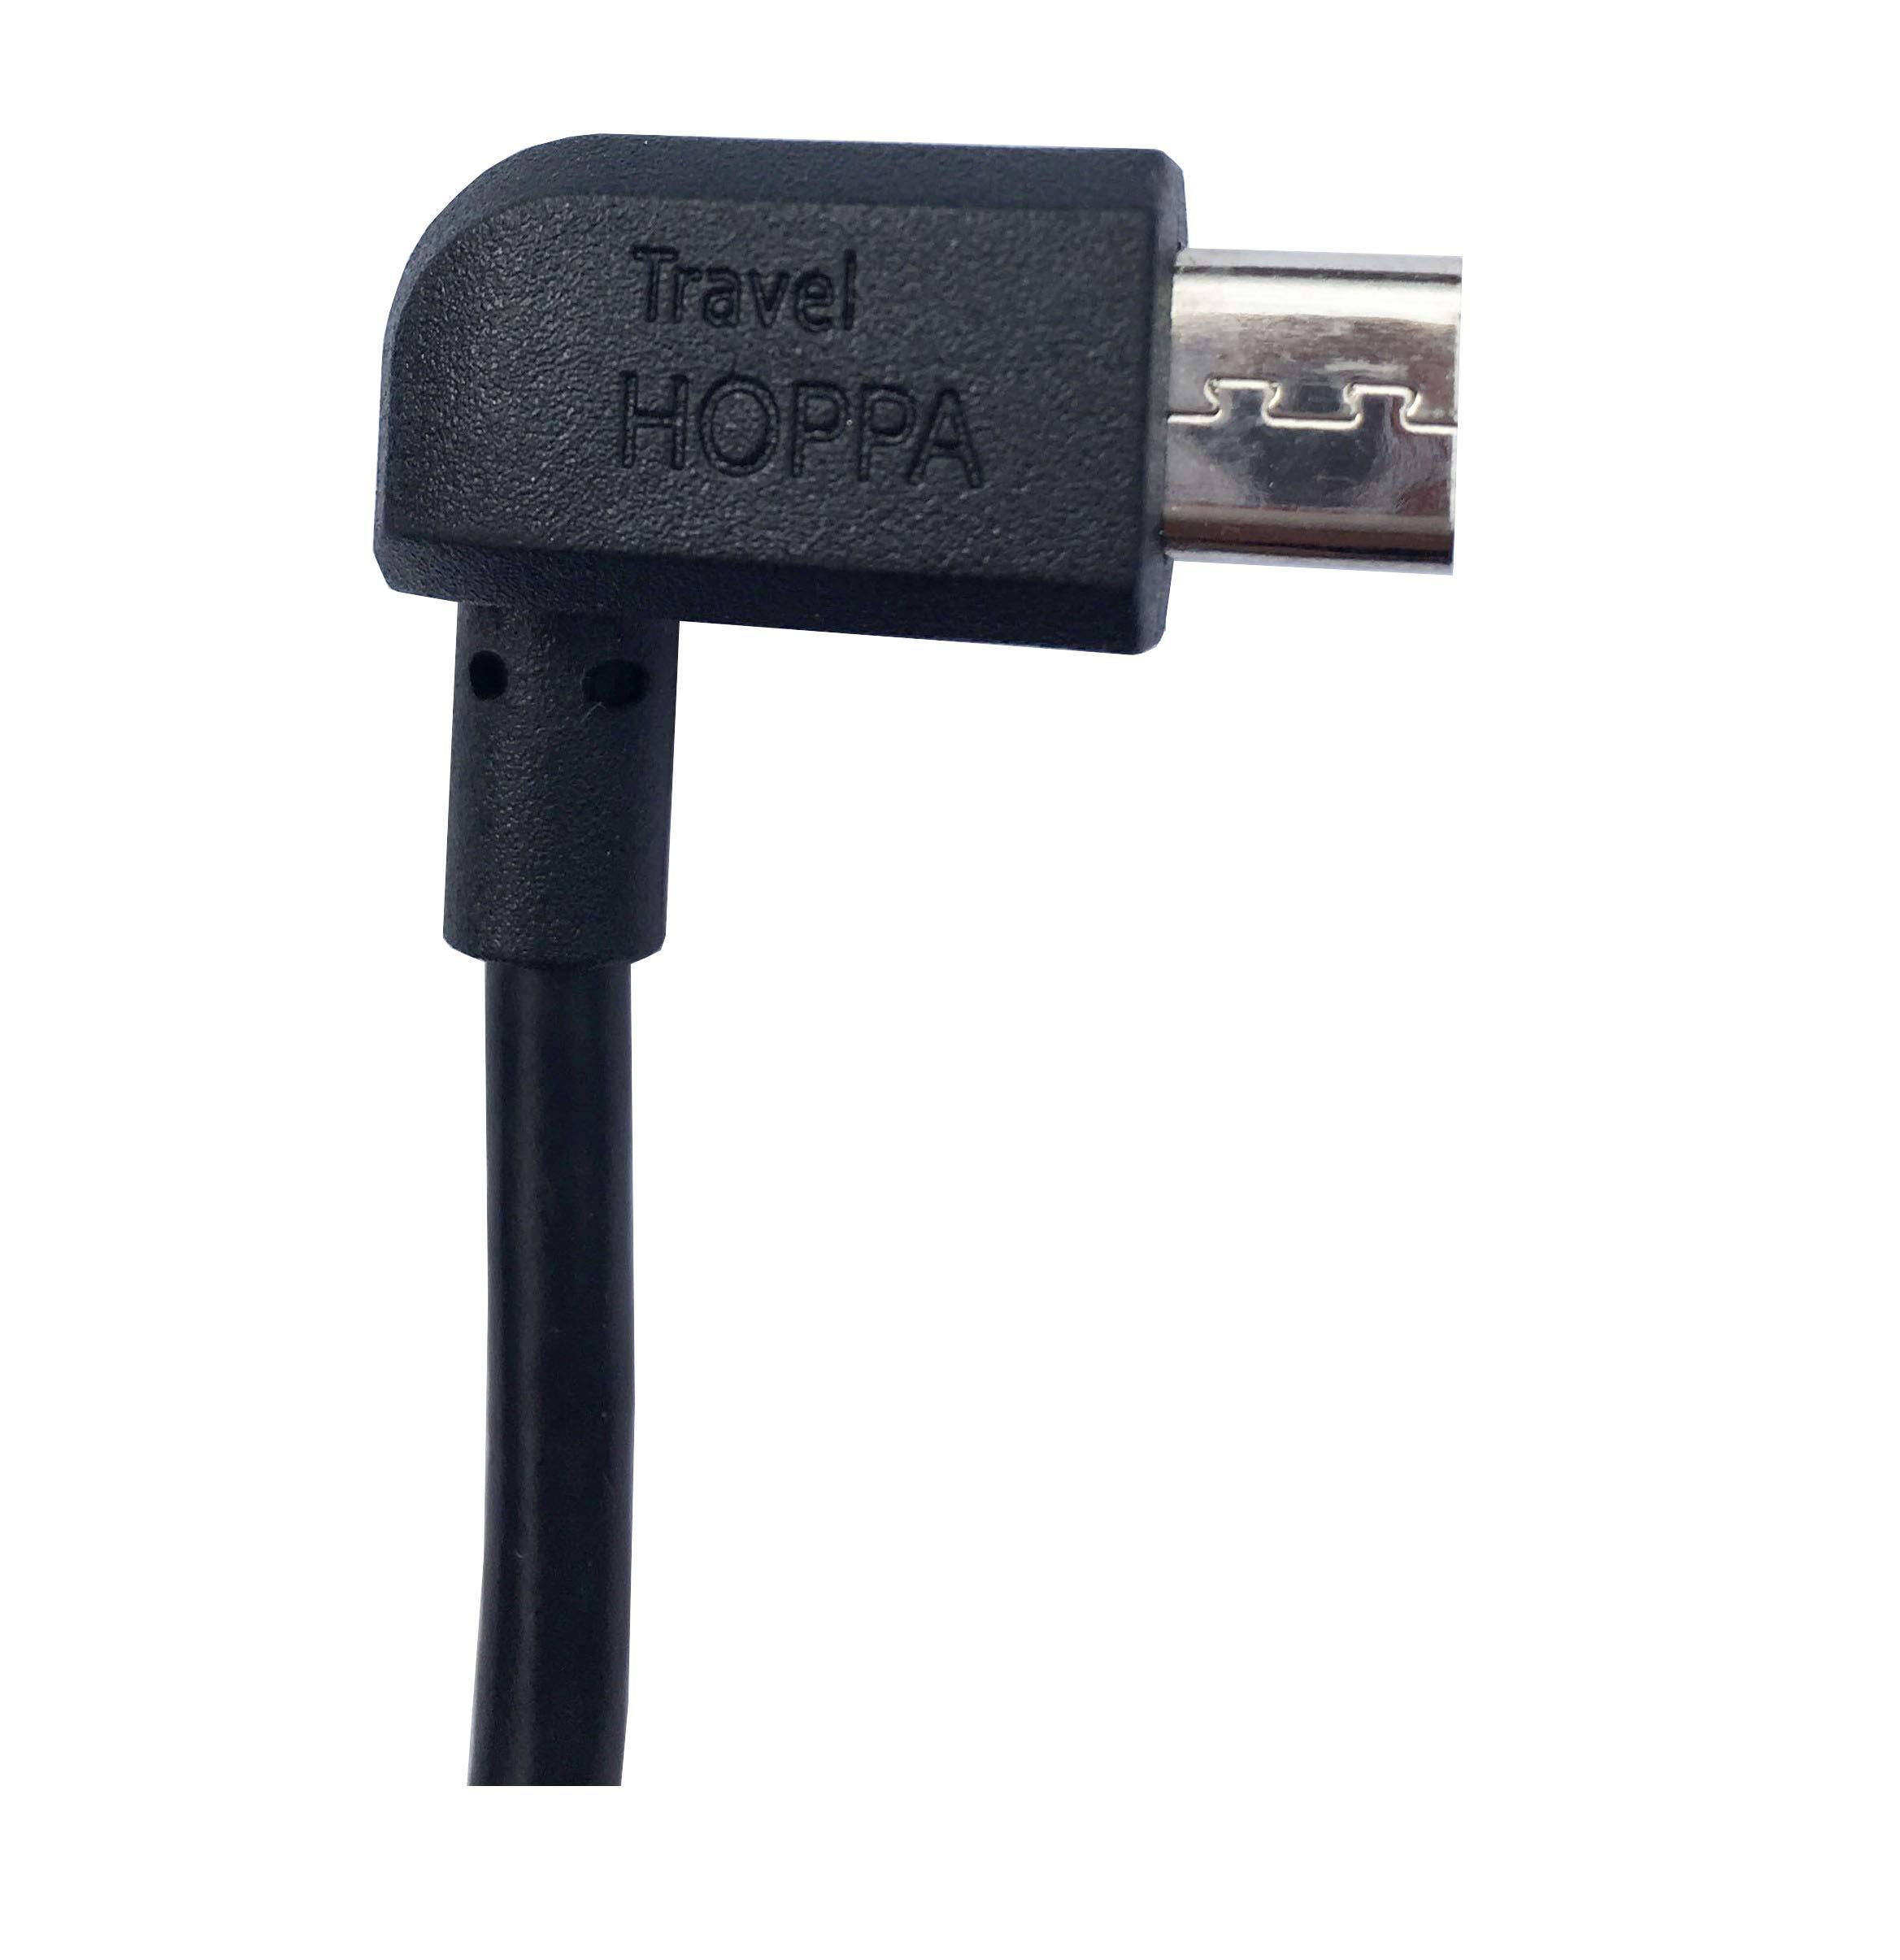 Auto-Ladekabel-fr-TomTom-Navigationssysteme-rechts-abgewinkeltes-Micro-USB-Kabel-15-m